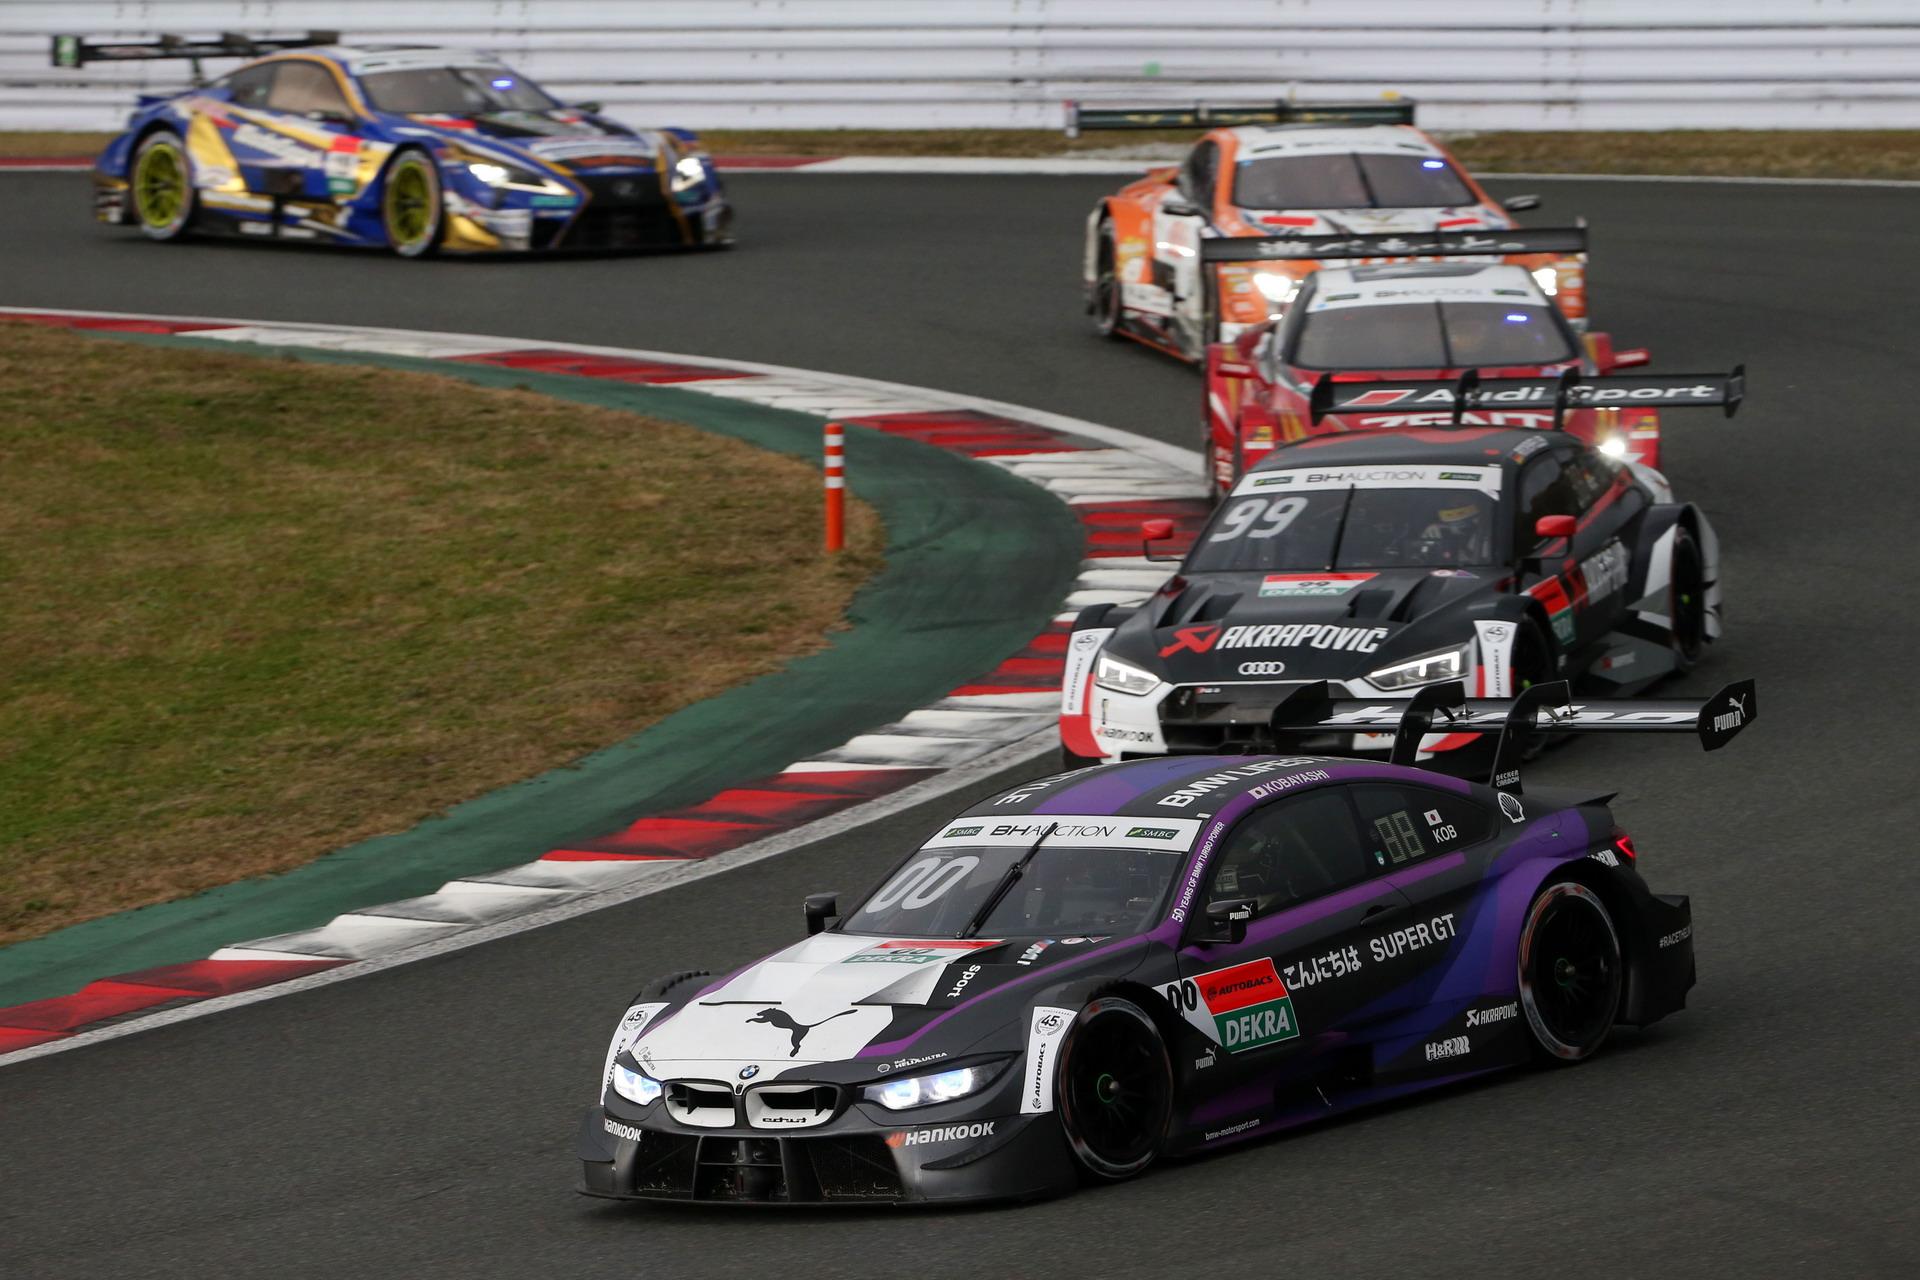 BMW SUPER GT x DTM Dream Race at Fuji 20